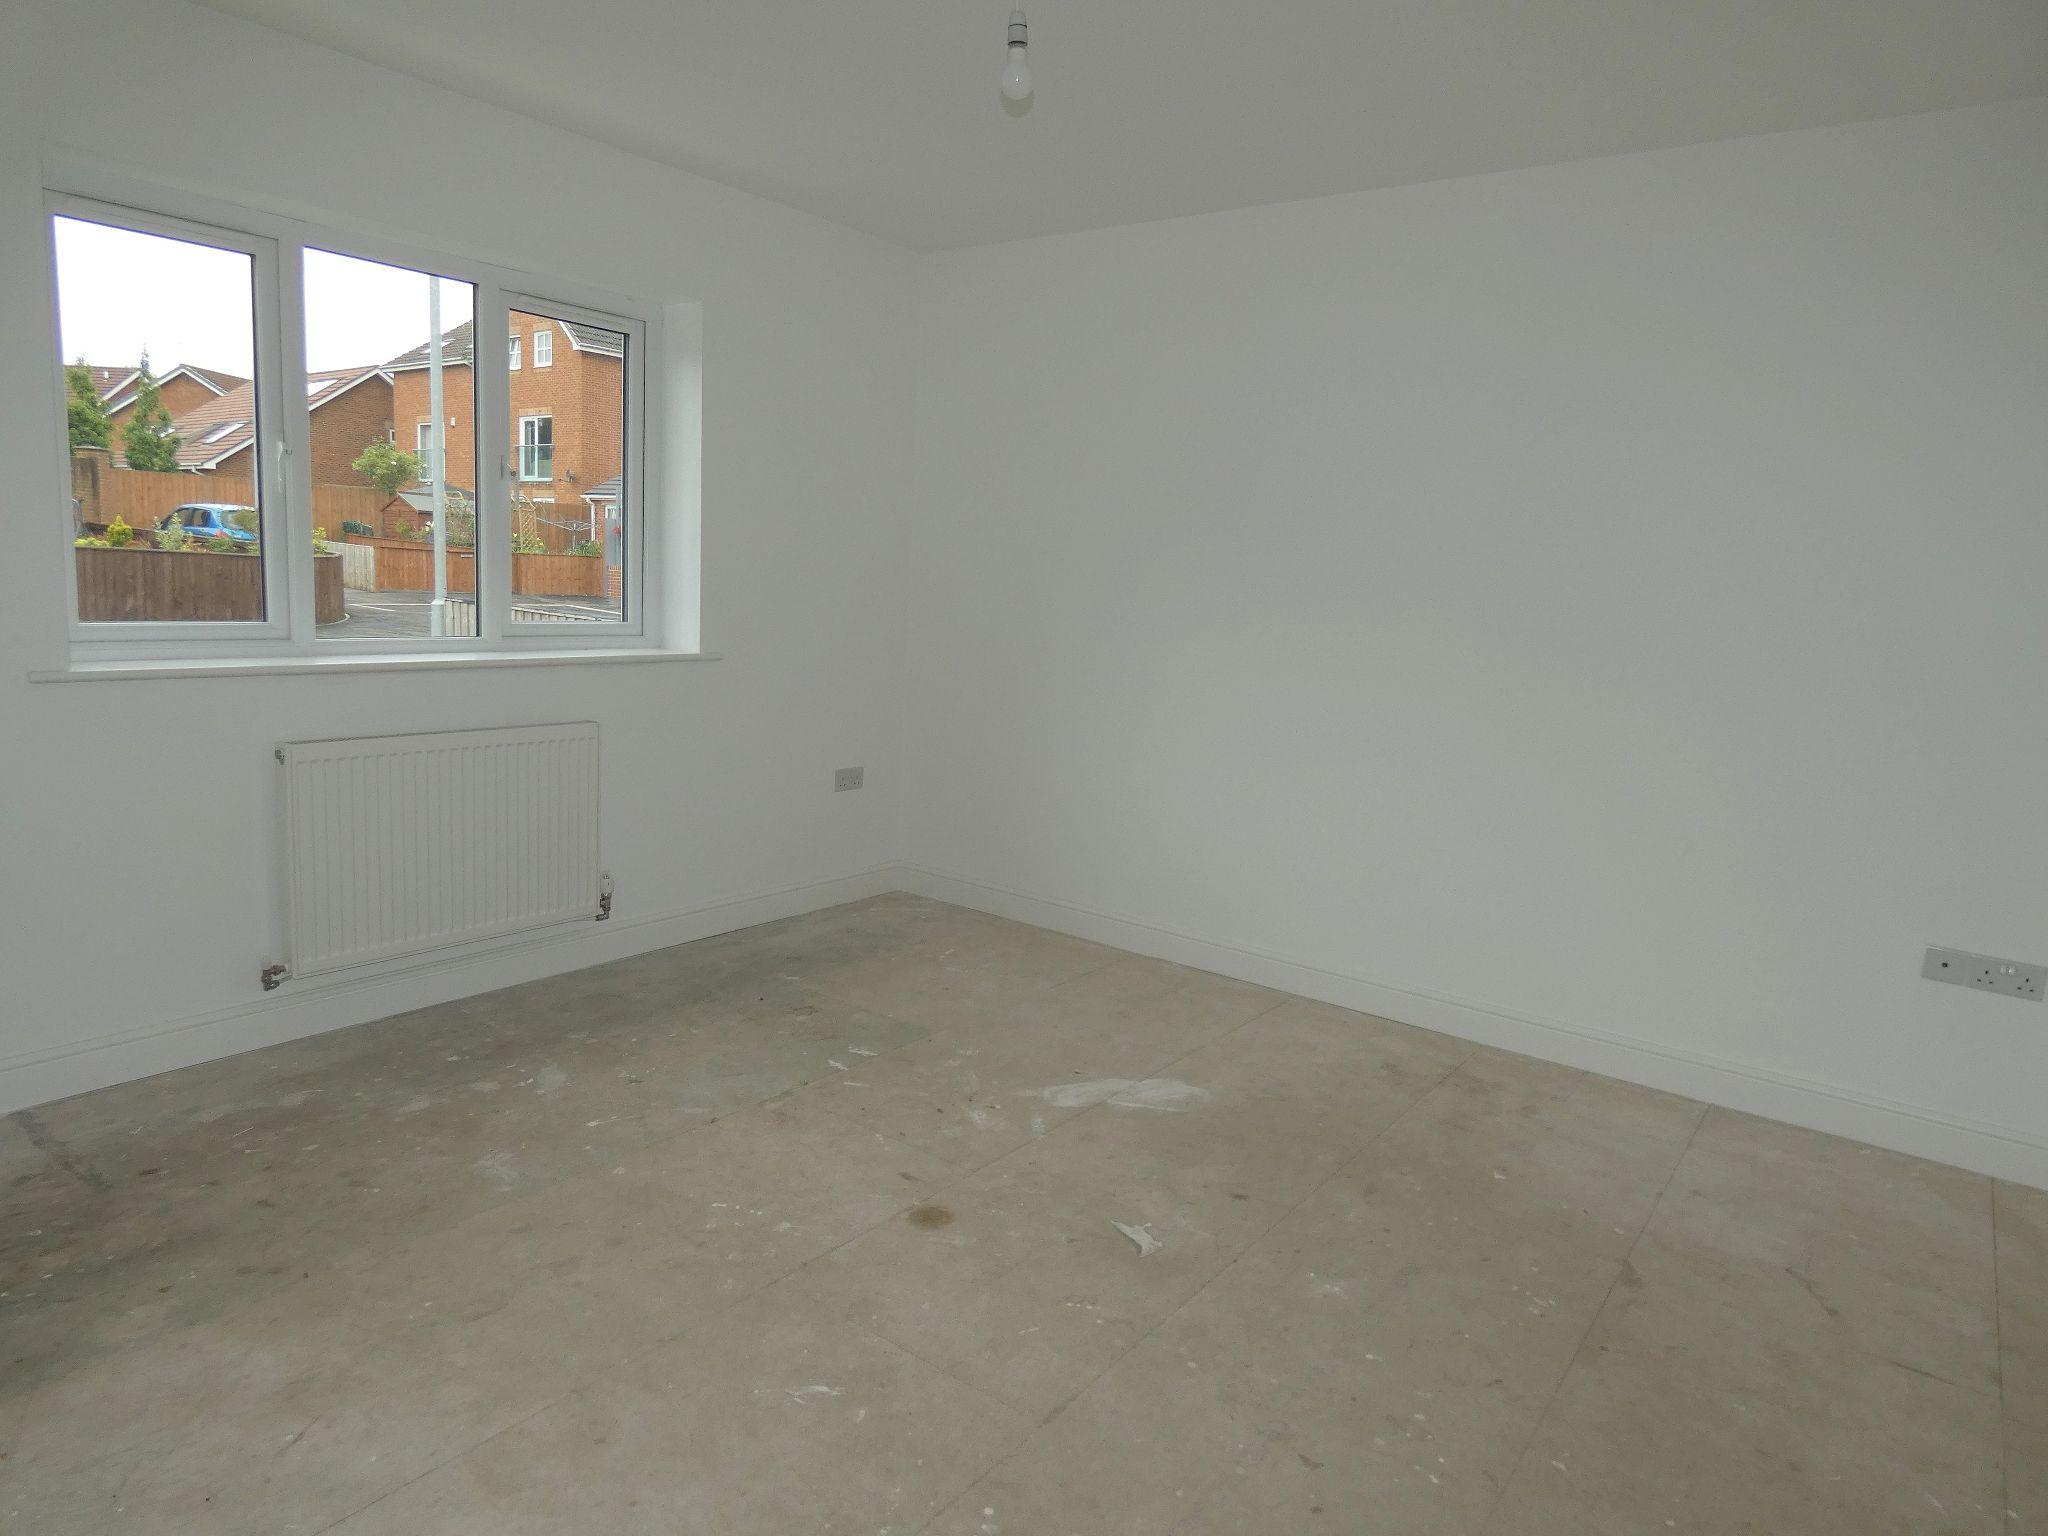 2 bedroom detached bungalow SSTC in Bishop Auckland - Bedroom One.